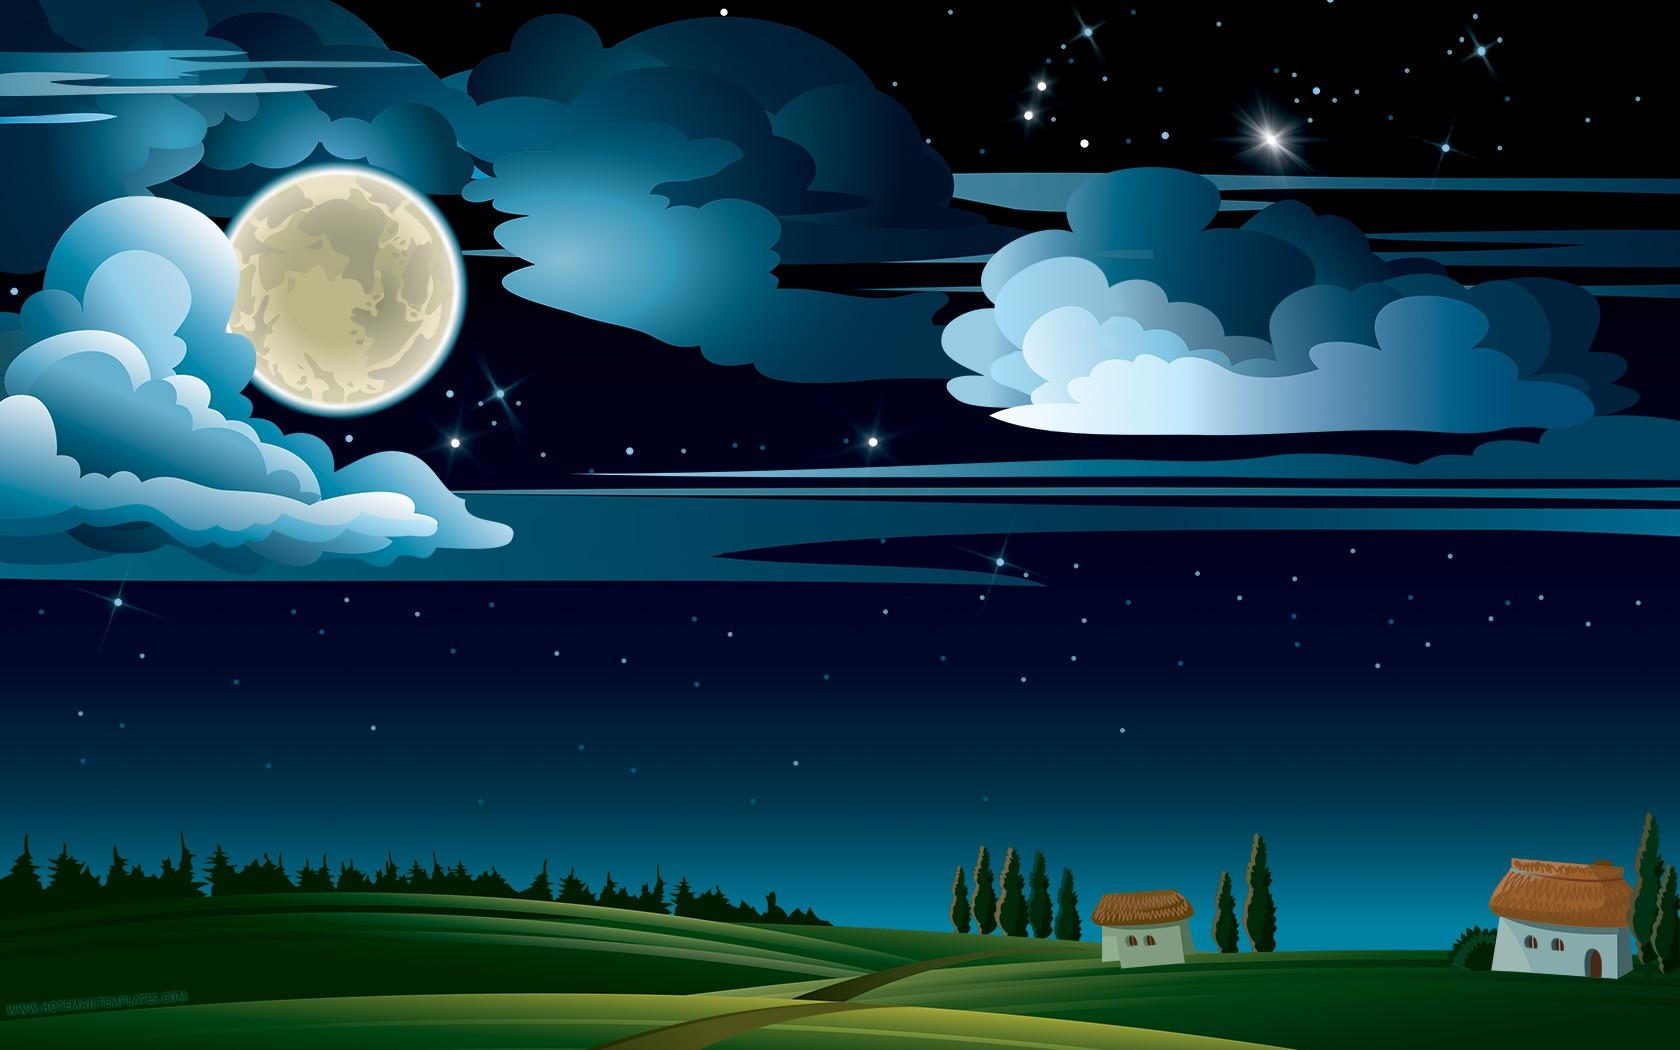 Risultato immagine per dpinti con stelle